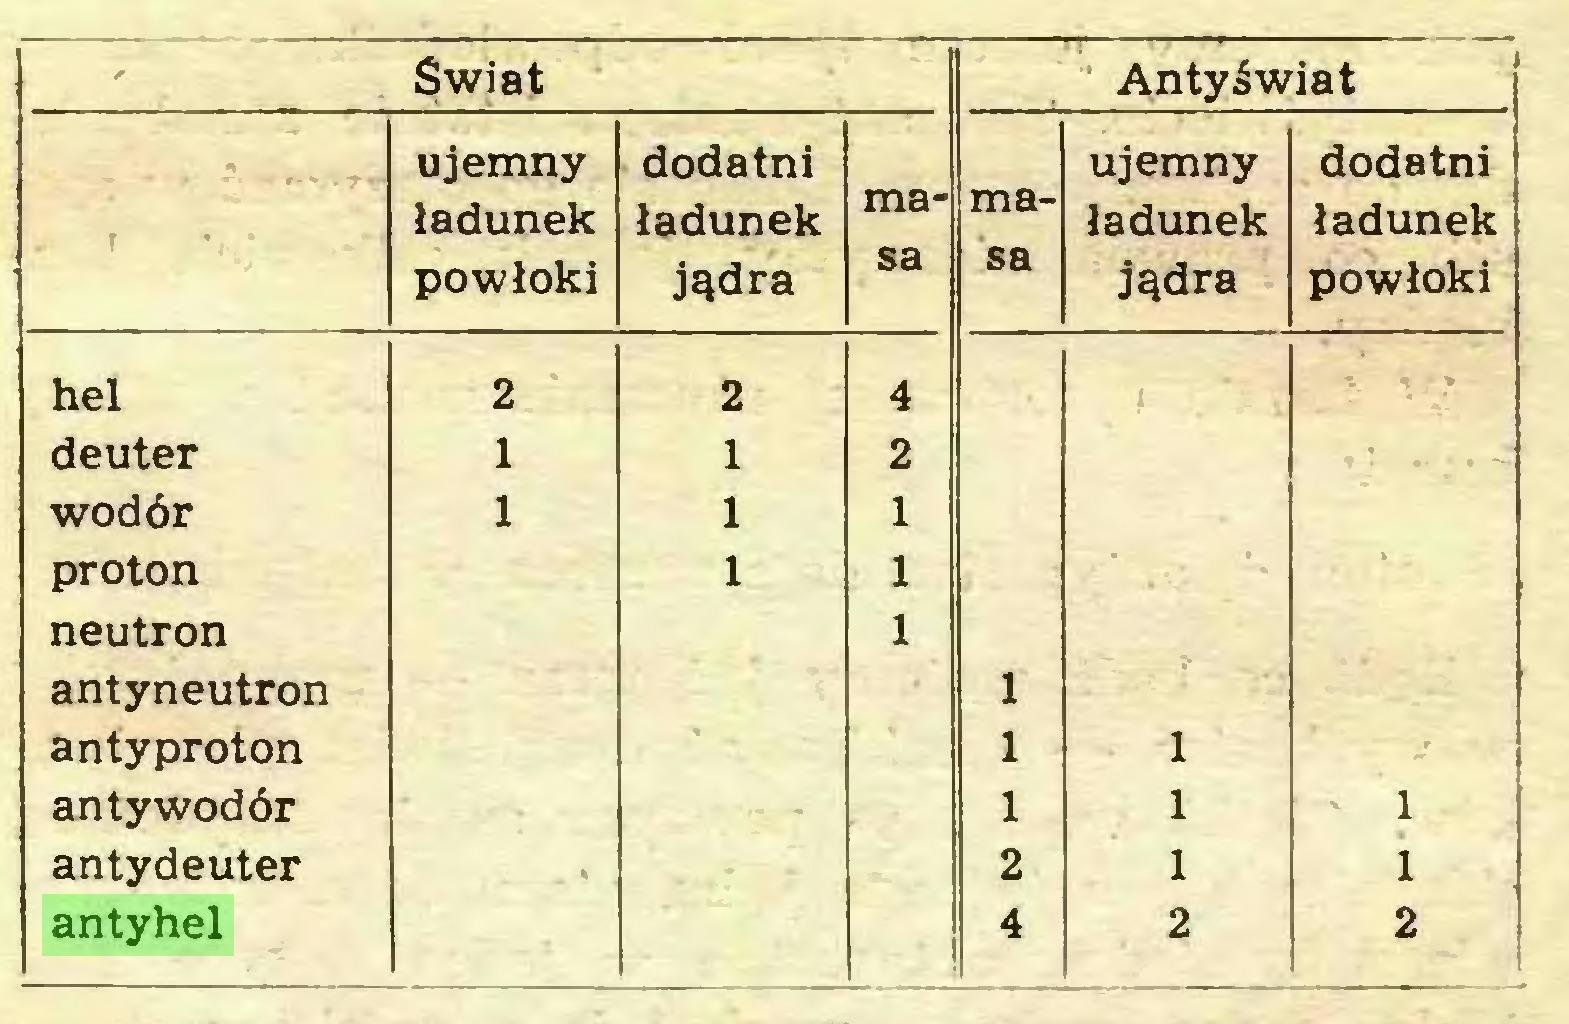 (...) ' $wiat Anty świat ujemny dodatni ma- ma- ujemny dodatni ładunek ładunek ładunek ładunek powłoki jądra sa sa jądra powłoki hel 2 2 4 deuter 1 1 2 wodór 1 1 1 proton 1 1 neutron antyneutron 1 1 antyproton 1 1 ' antywodór 1 1 ' 1 antydeuter . . ł 2 1 1 antyhel 4 2 2 1...